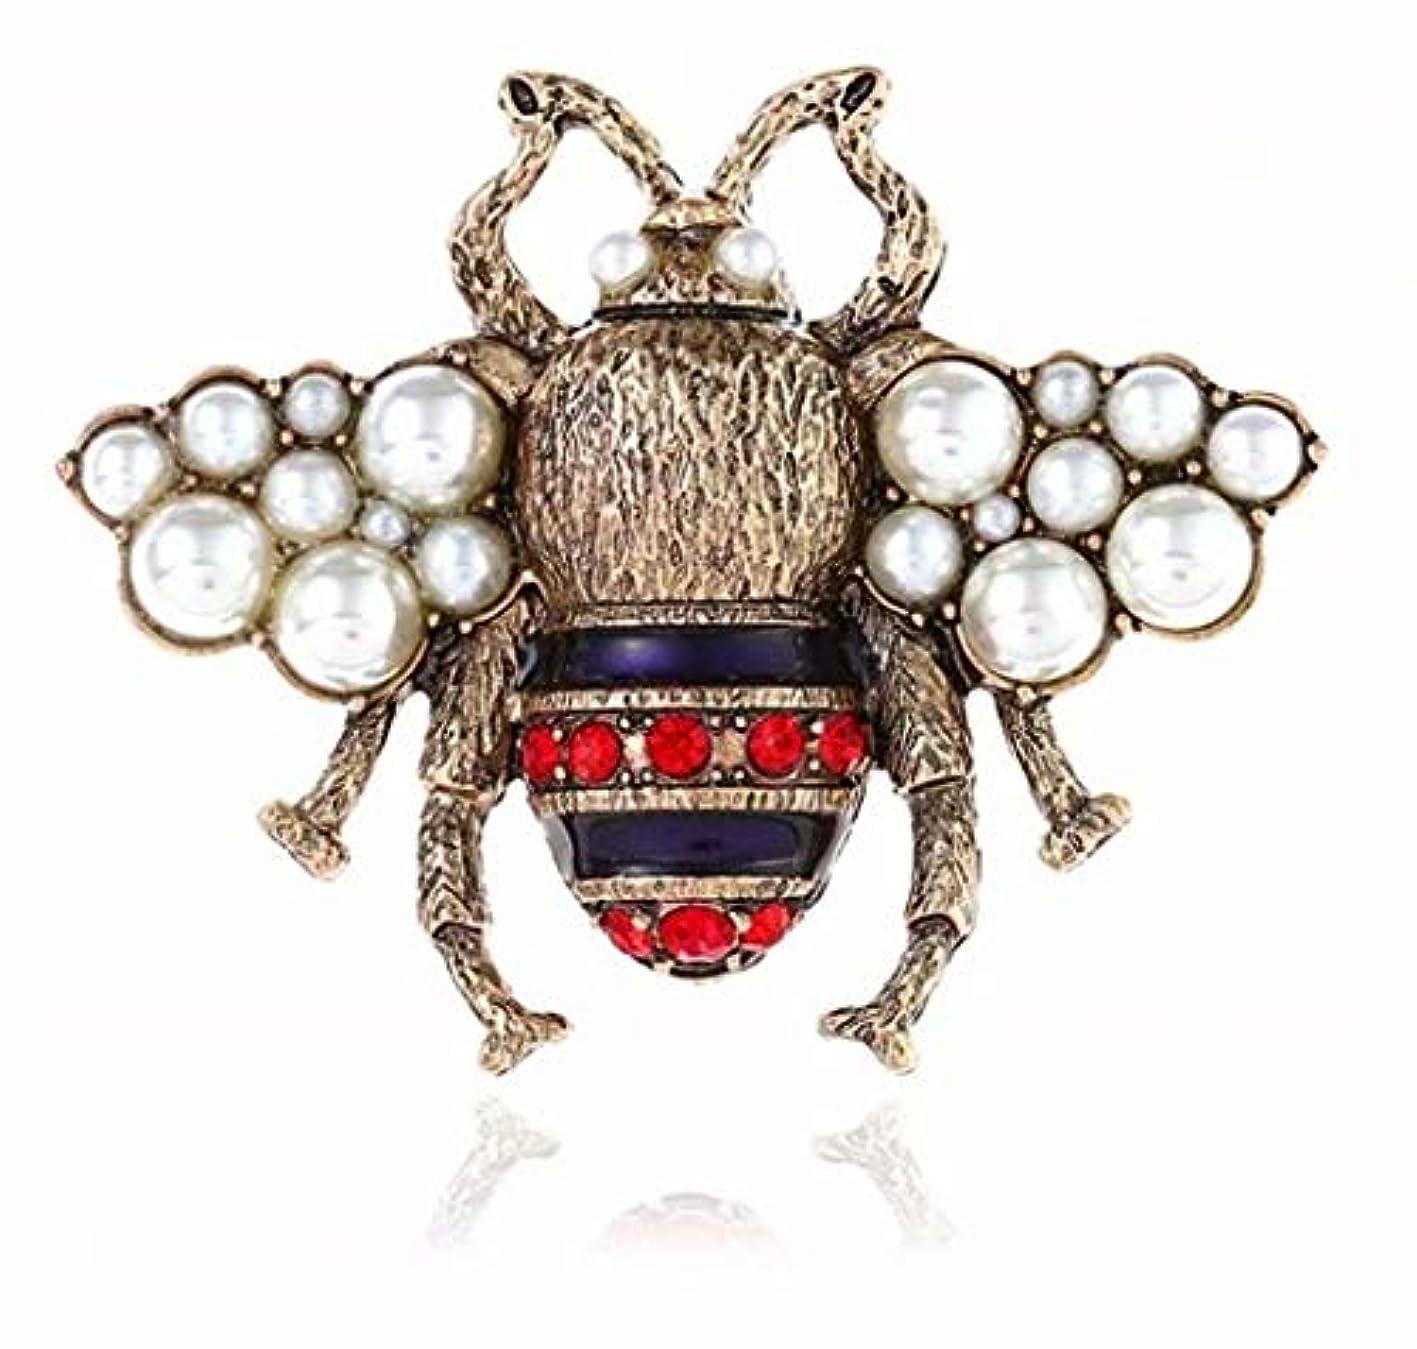 その間省略する発言する七里の香 ヴィンテージ メタル クリスタル ラインストーン 昆虫蜂蜜ブローチ ブローチピン